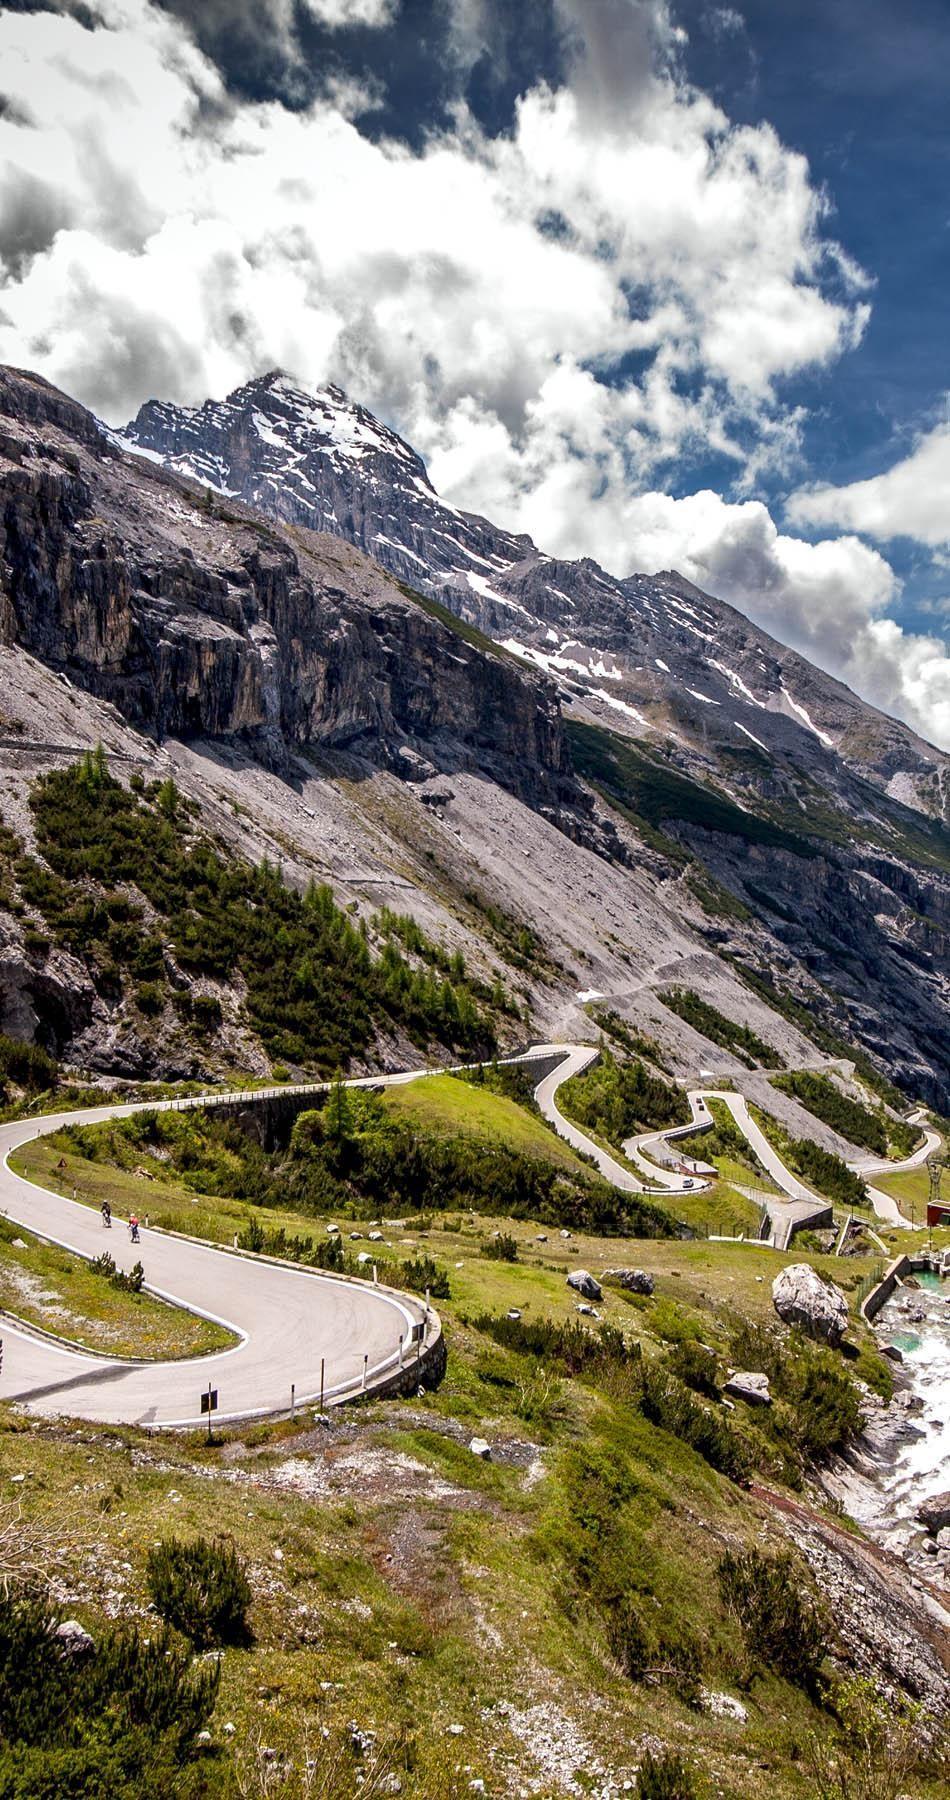 Passo Dello Stelvio Road in Italian Alps   23 Roads you Have to Drive in Your Lifetime